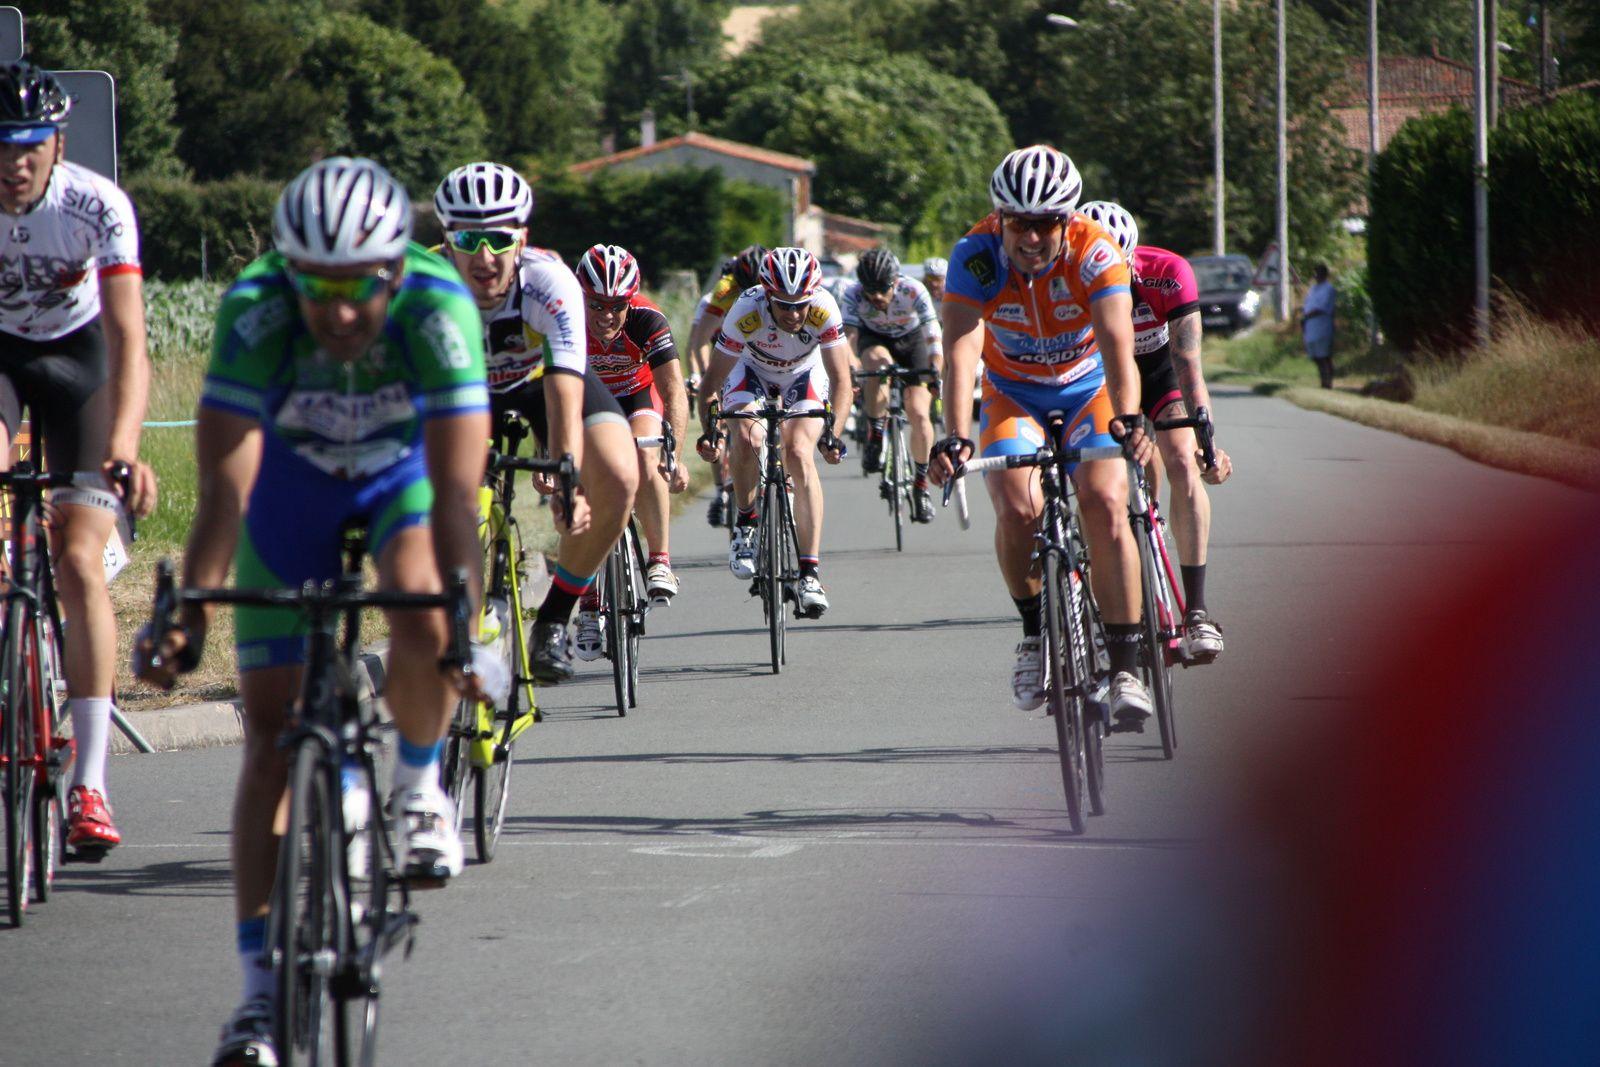 6e  Florian  BLANDIN(UVA), 7e  Guillaume  DUPUIS(CC  Nanteuil), 8e  Florian  LATOUR(US  Le Bouscat), 9e  Grégory  GAILLARD(UVA), 10e  Frédéric  DEPIN(UVA), 11e  Thierry  LARGEAU(CC  Vervant), 12e  Romain  MONCE(Mérignac  VC), 13e  Thierry  BILLOT (G  Bordeaux), 14e  Dimitri  TROMAS(UCC  Vivonne), 15e  Romain  LAVALADE(T  St  Sauveur), 16e  Guillaume  COTREAU(UCC  Vivonne), 17e  Axel  PIERRE(UC  Condat), 18e  Hervé  MARTIN(UC  Mamers), 19e  Théo  GRIFFOUL(Creuse O), 20e  Cyril  MORAND(VC  Saintes).